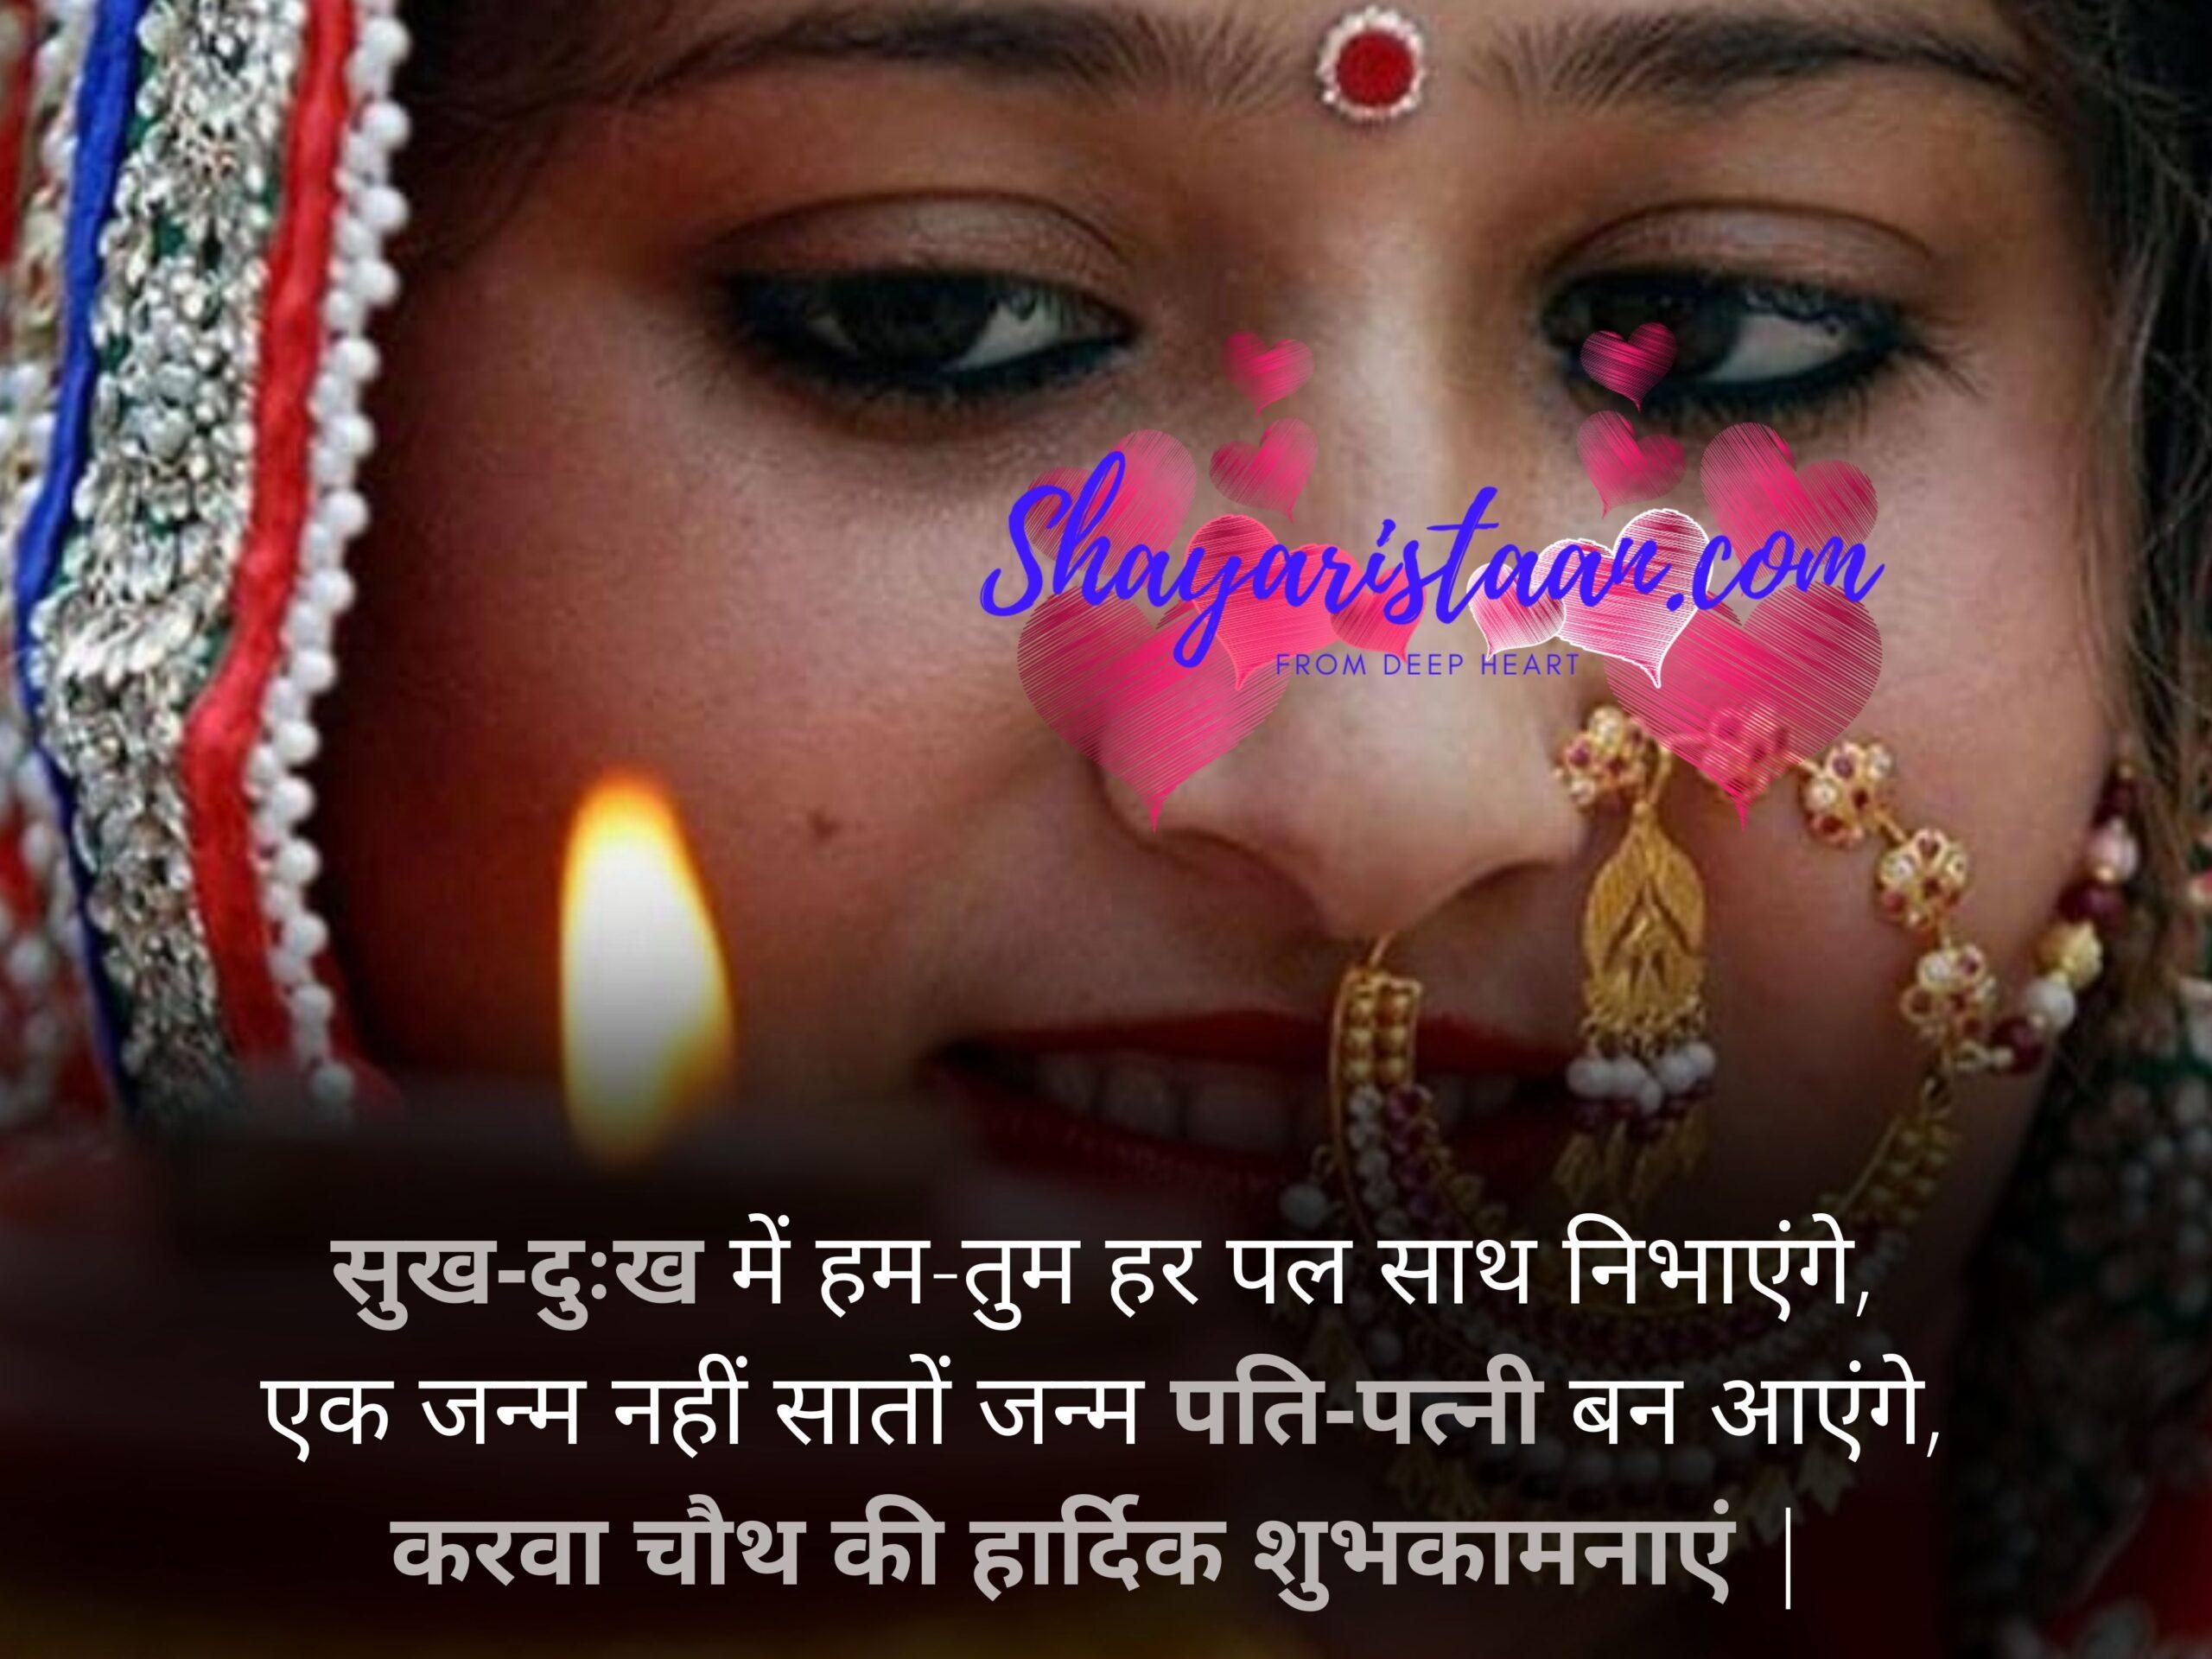 karwa chauth wishes for husband   सुख-दुःख में हम-तुम हर पल साथ निभाएंगे, एक जन्म नहीं सातों जन्म पति-पत्नी बन आएंगे, करवा चौथ की हार्दिक शुभकामनाएं  